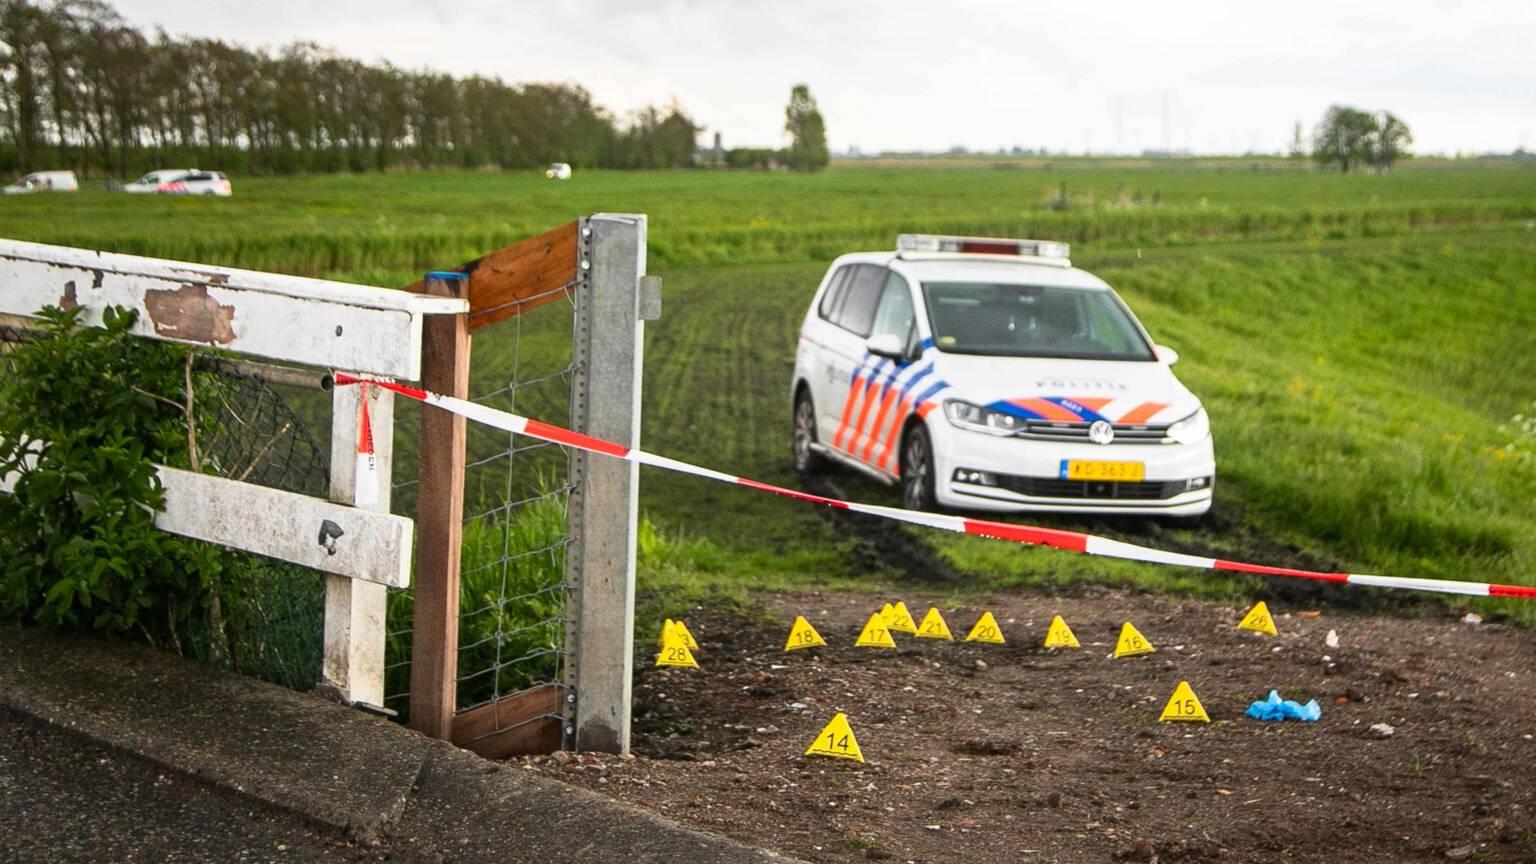 עליה מדהימה בפשיעה בהולנד הערבים והמוסלמים חוגגים בפשיעה חמורה עם נשק אוטומטי 1536x864a